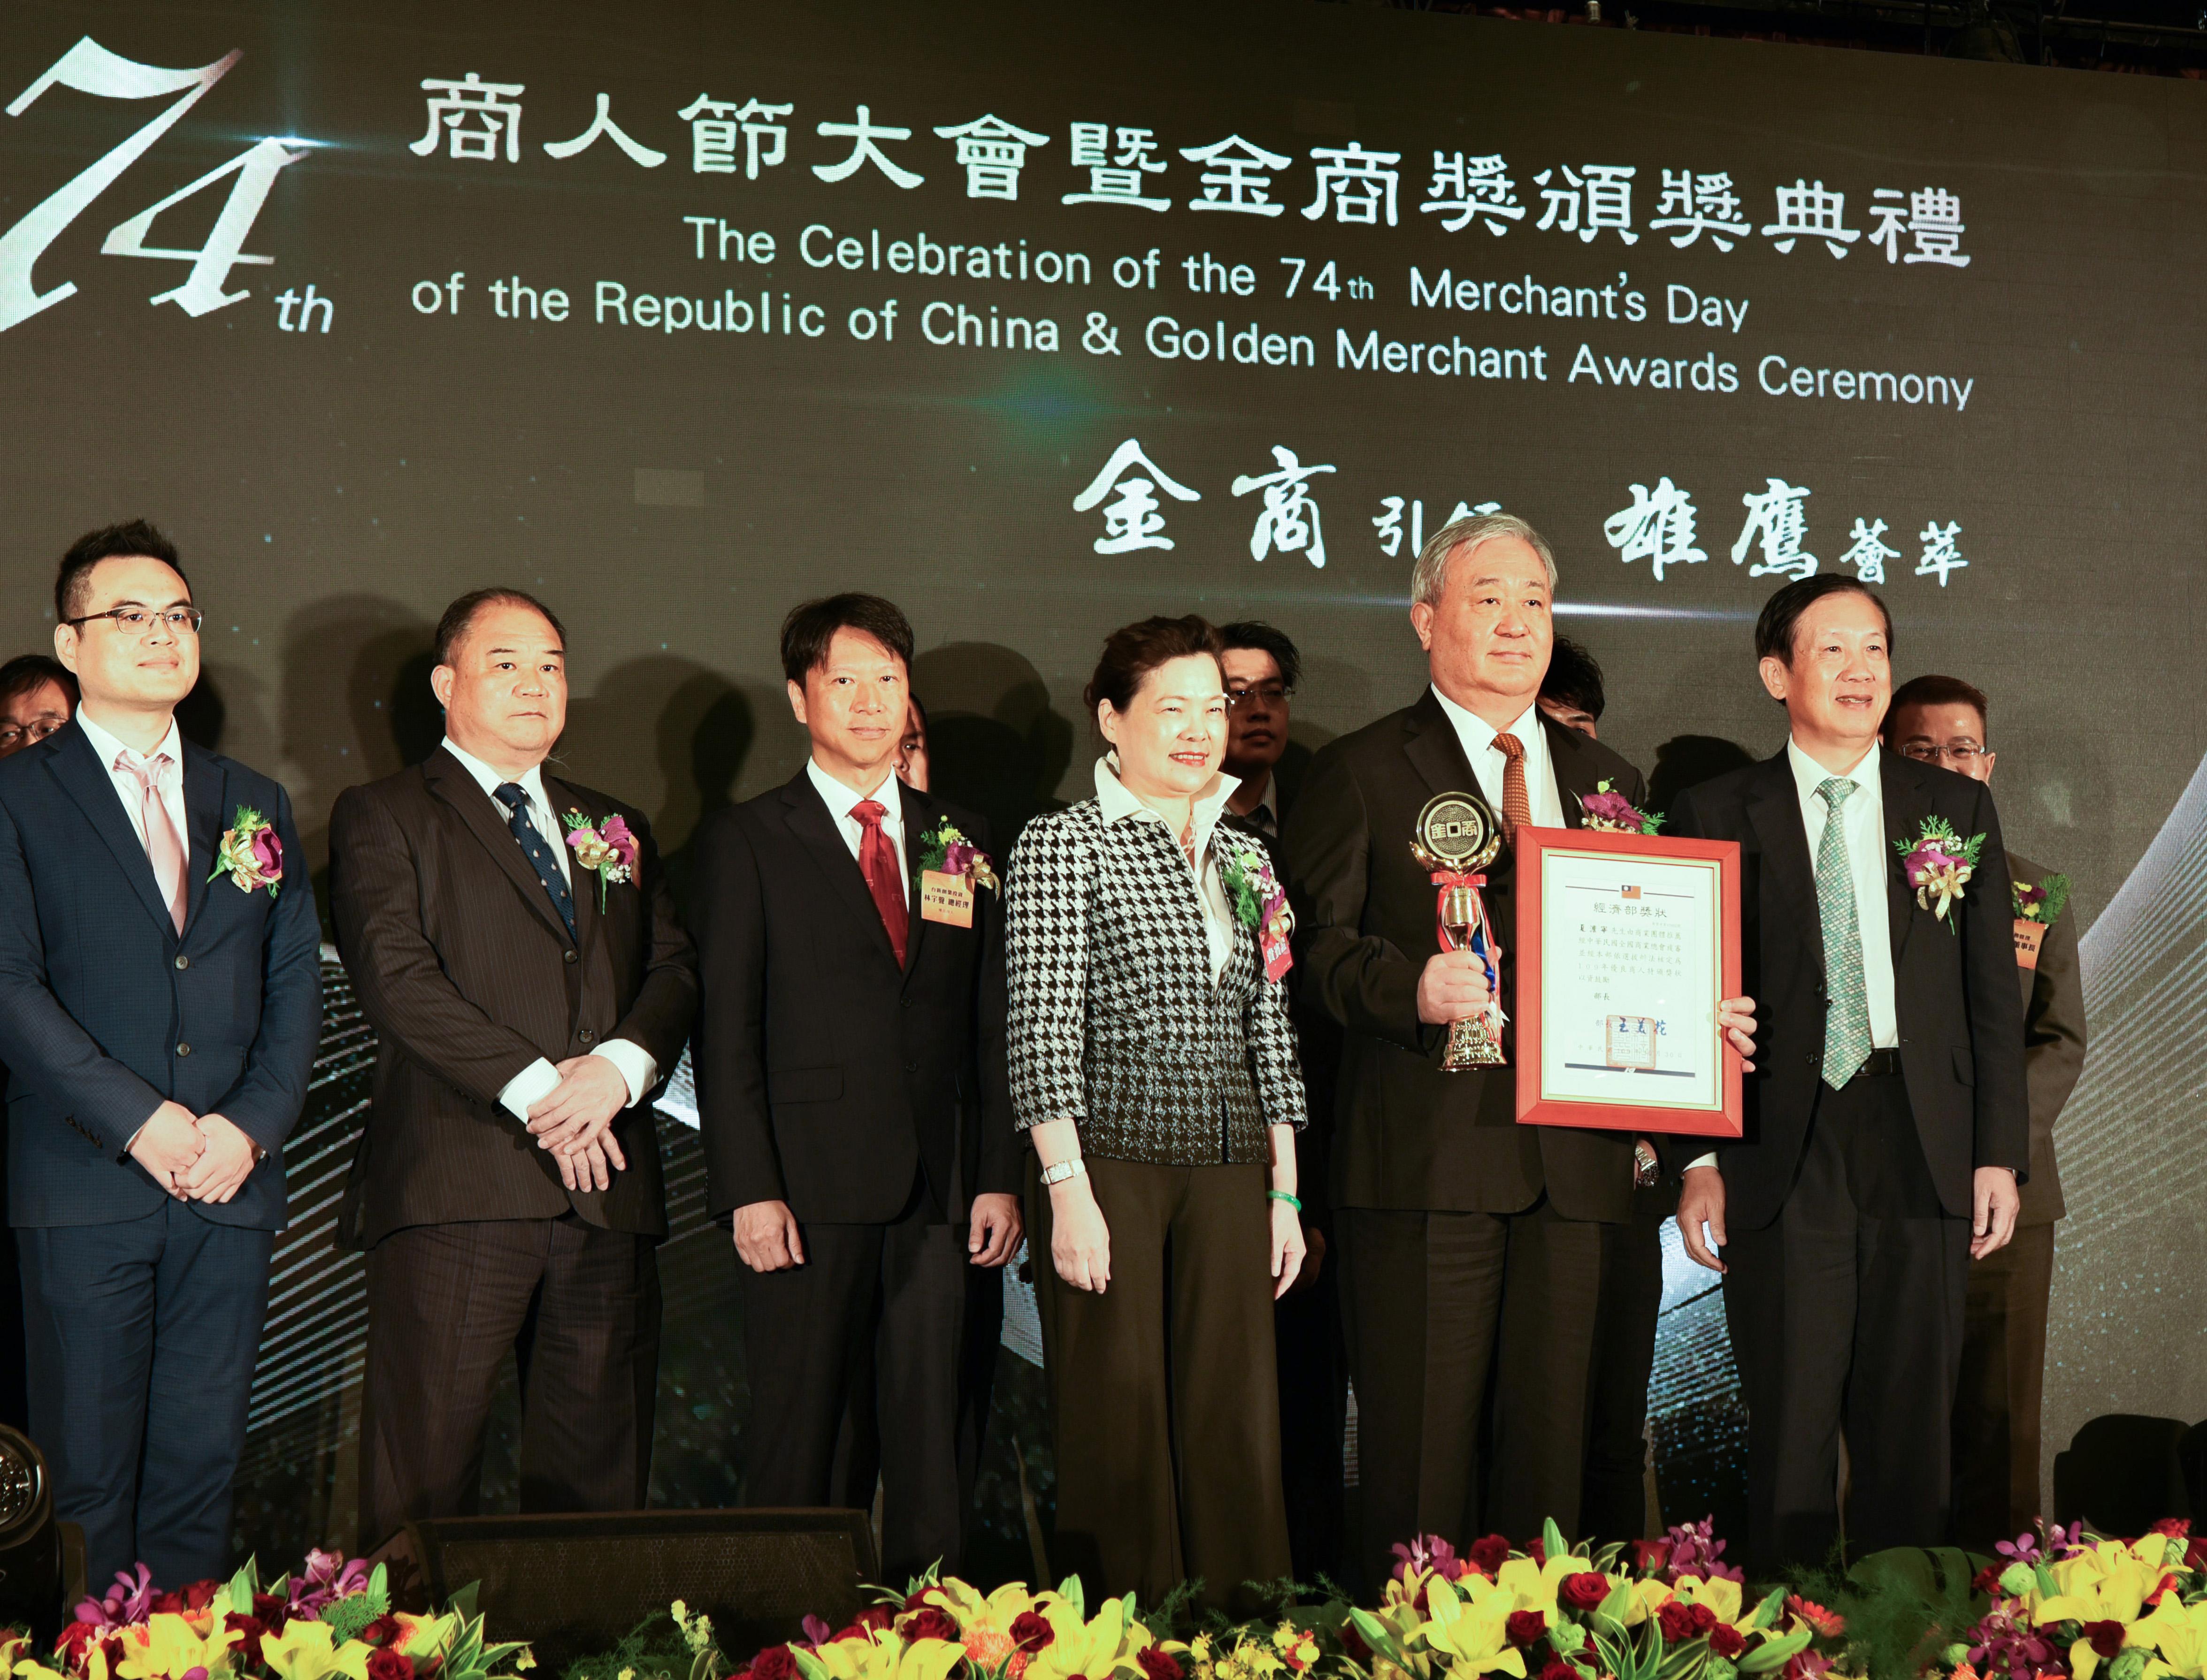 十銓報喜再獲國家級肯定 董事長夏澹寧榮獲「109年中華民國優良商人」獎